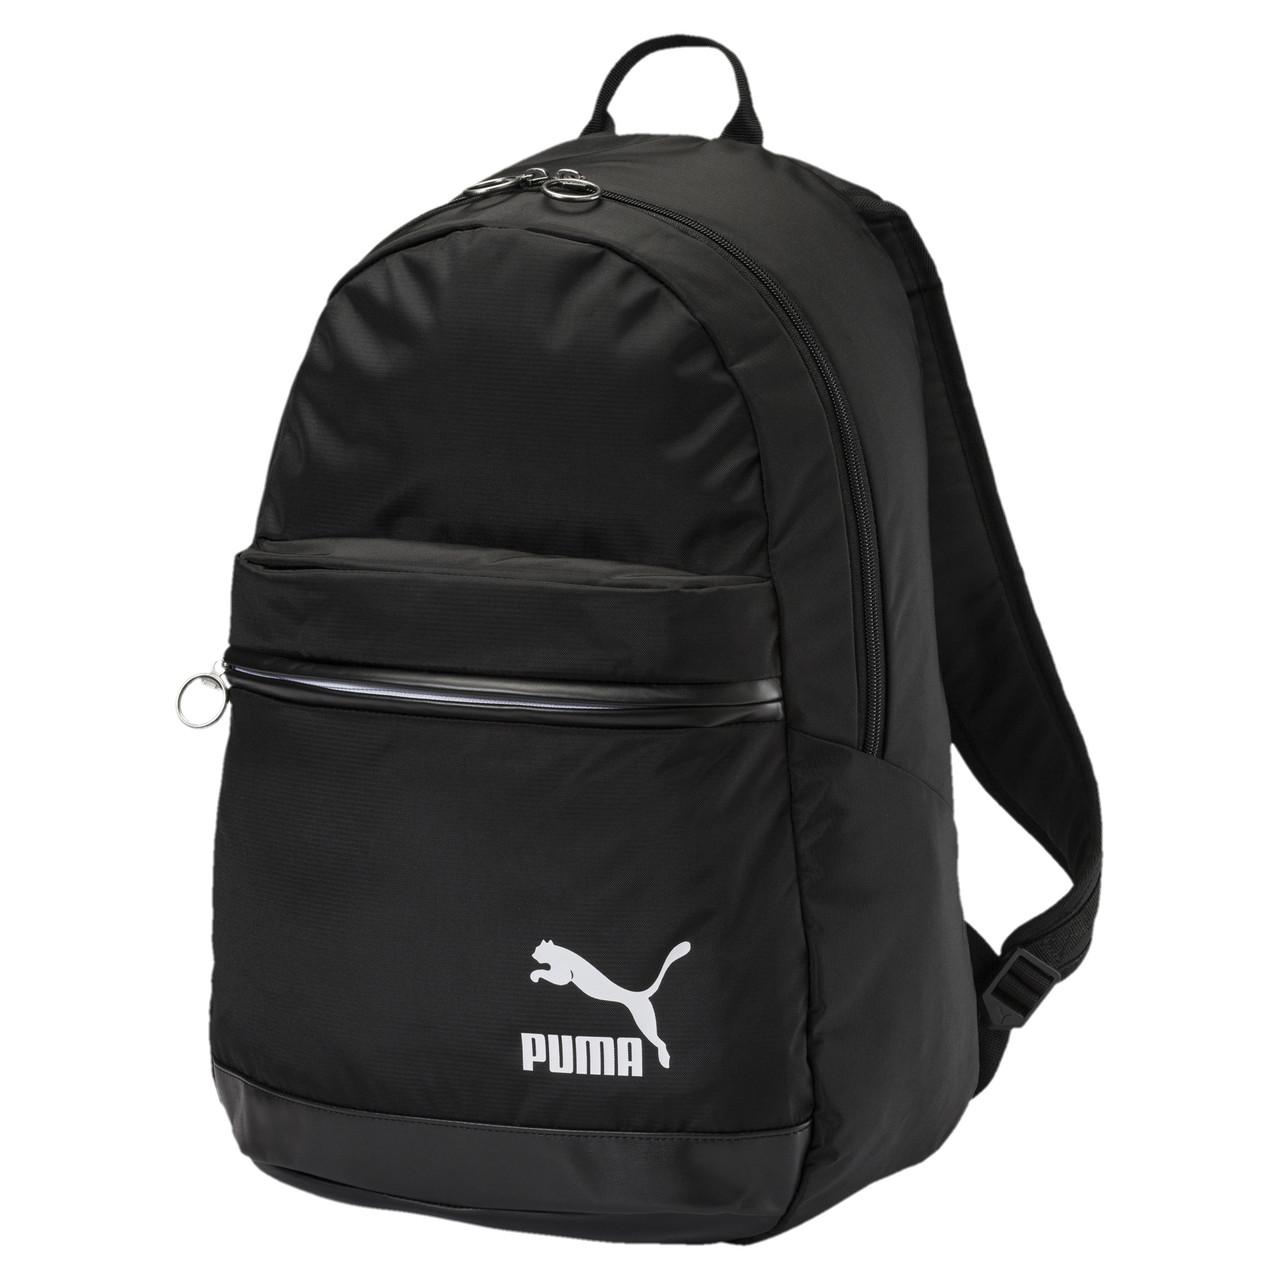 Рюкзак спортивный Puma Orginals Daypack 075086 01 (черный, мягкие ремни, отсек под ноутбук, 20 л, бренд пума)